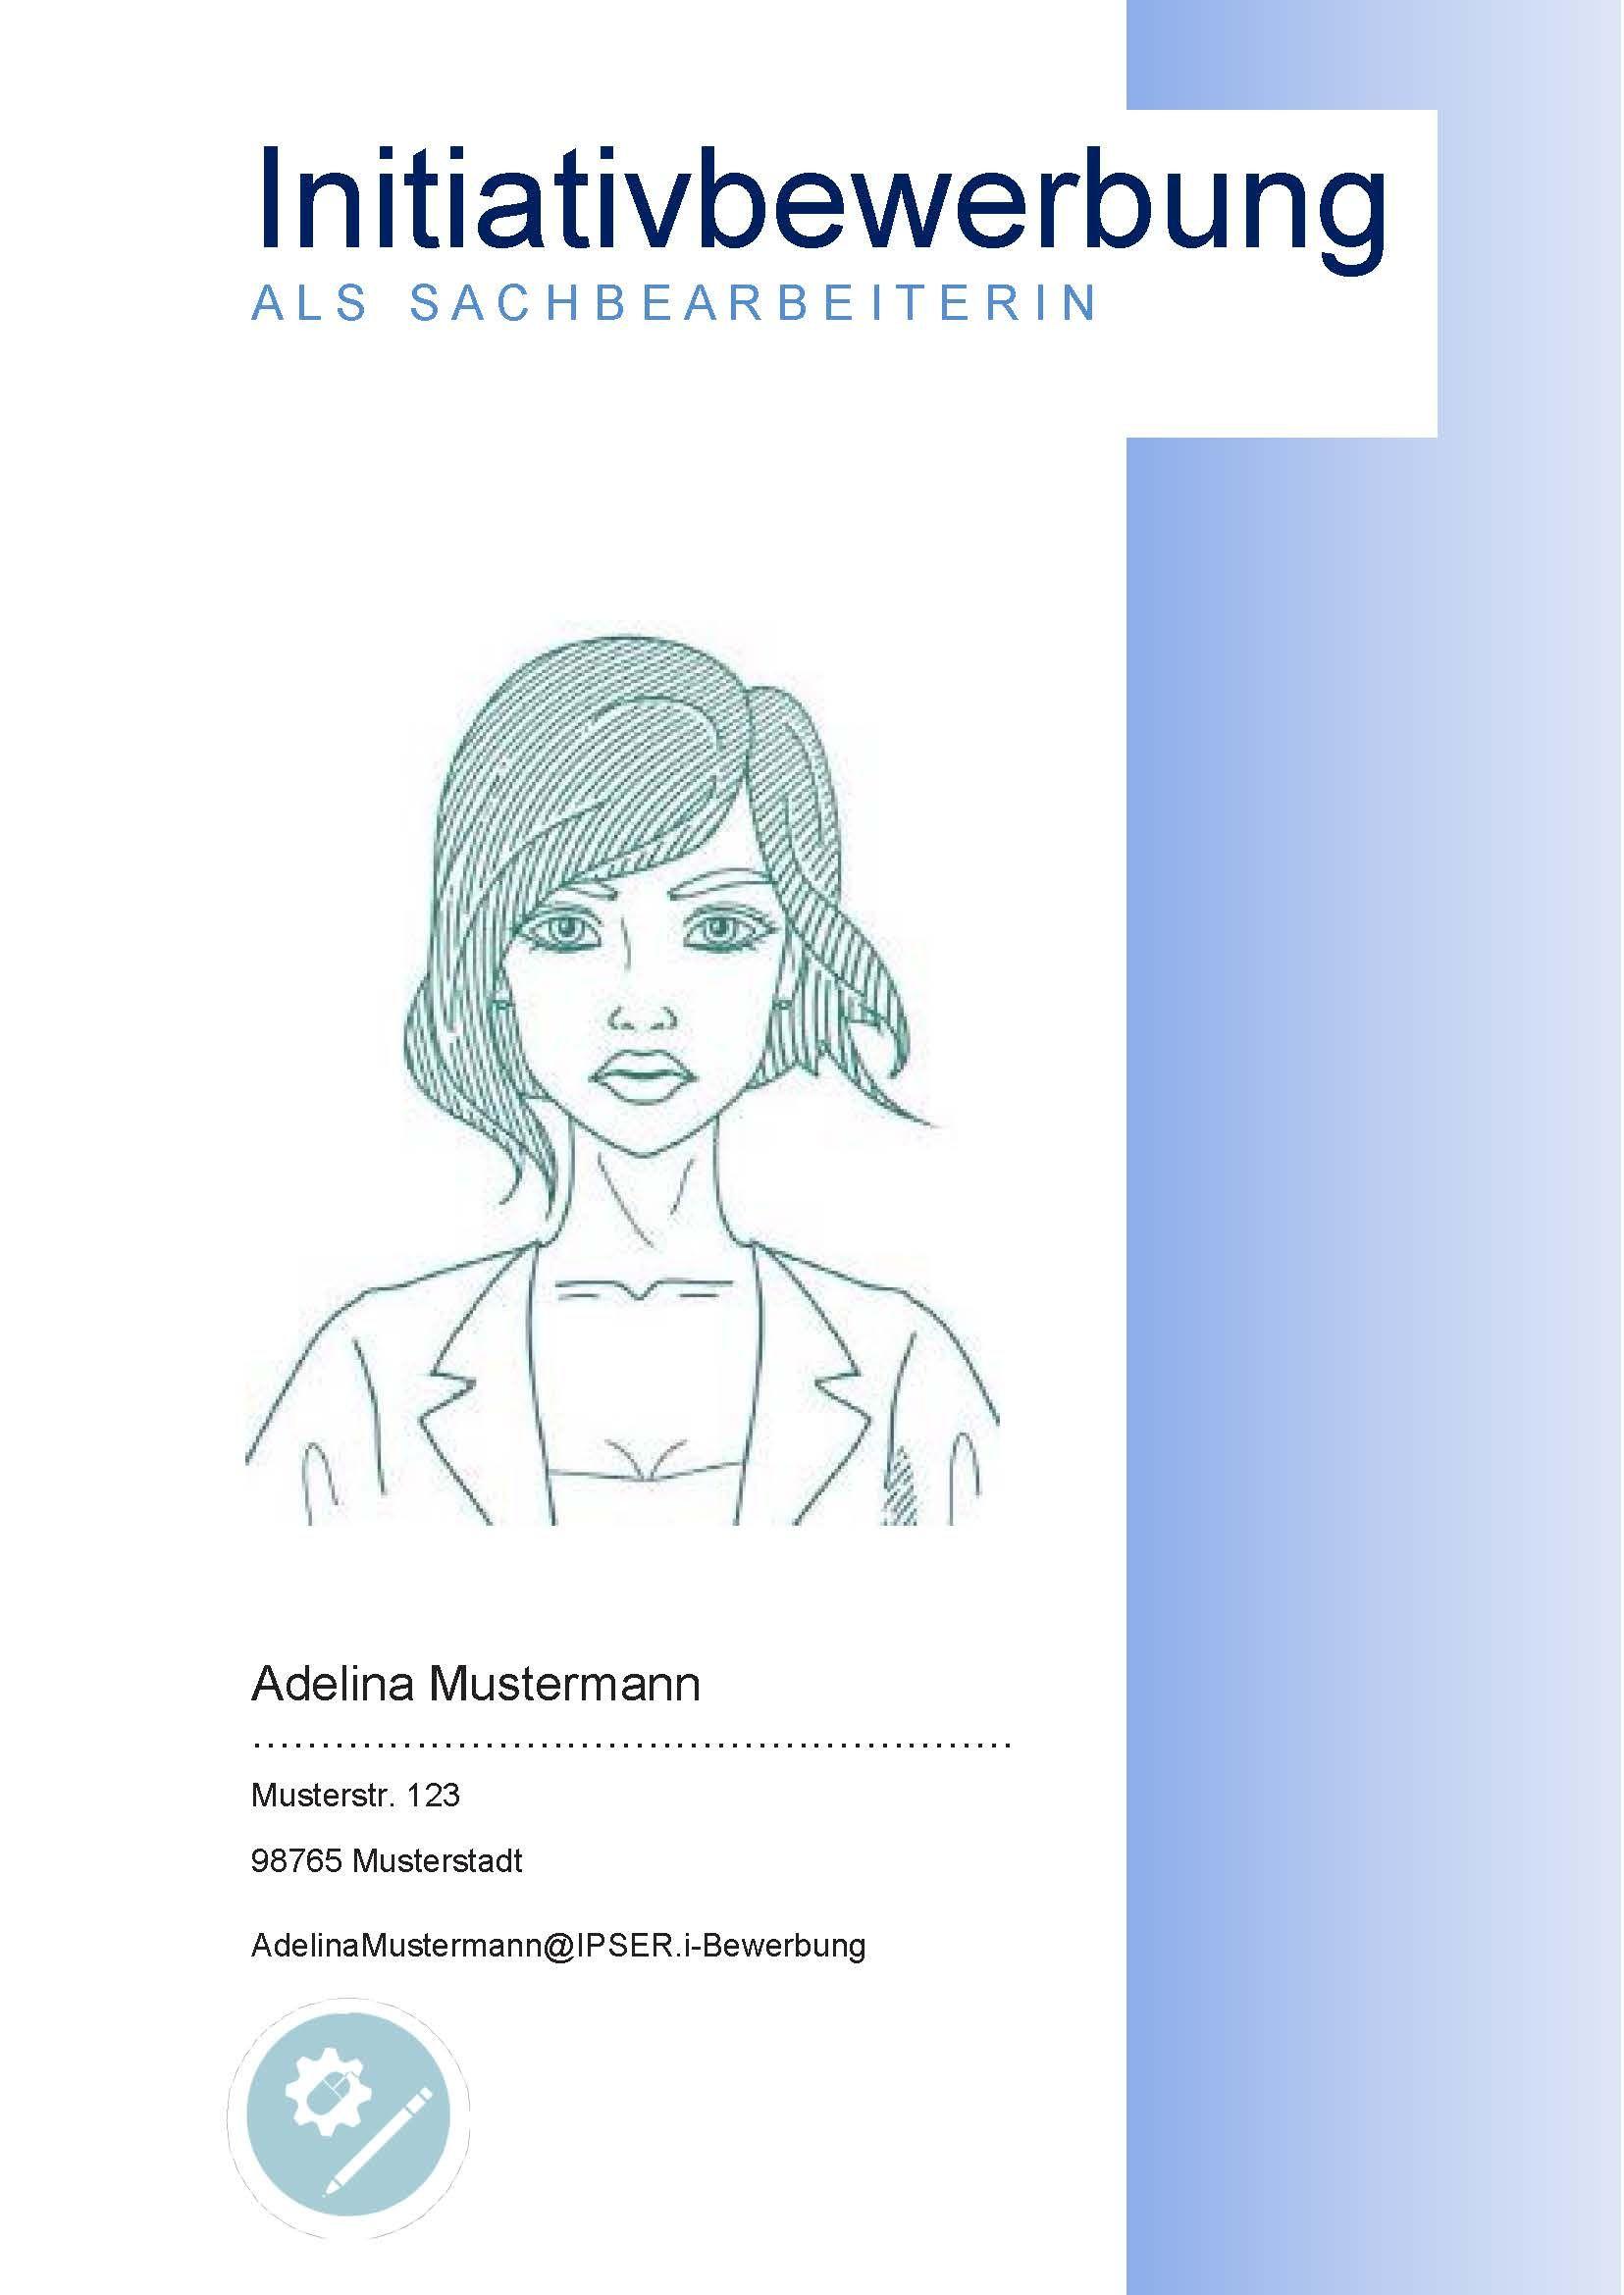 Beispiel Deckblatt Zur Initiativbewerbung Als Sachbearbeiterin Adelina 624 Deckblatt Vorlage Vorlage Deckblatt Bewerbung Deckblatt